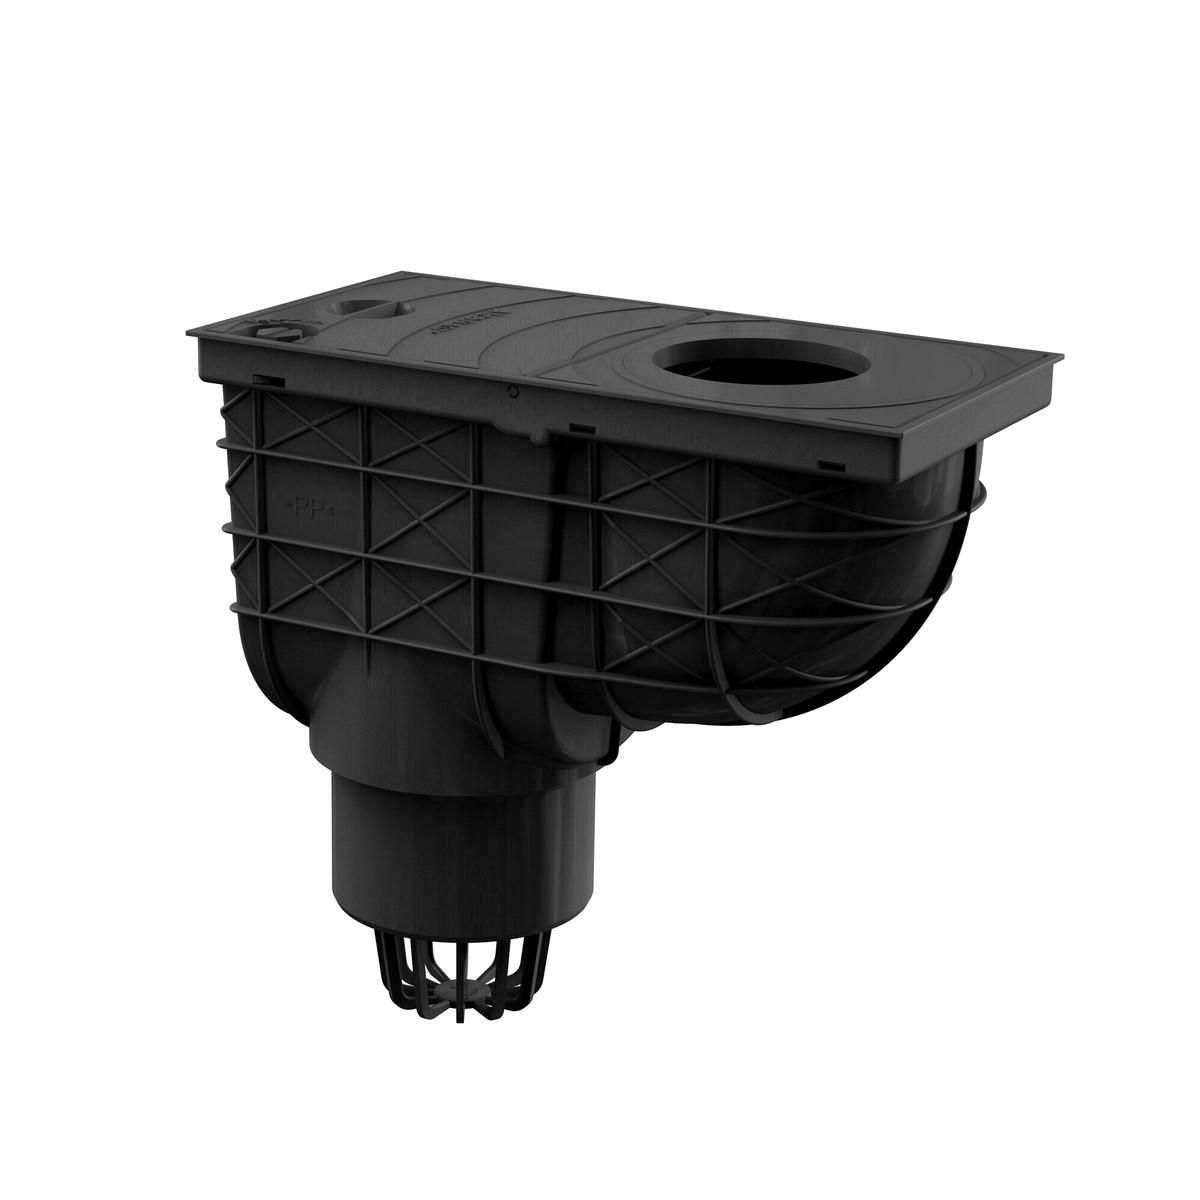 regensink kasten mit senkrechtem abgang dn110 schwarz mit schmutzfangsieb ebay. Black Bedroom Furniture Sets. Home Design Ideas